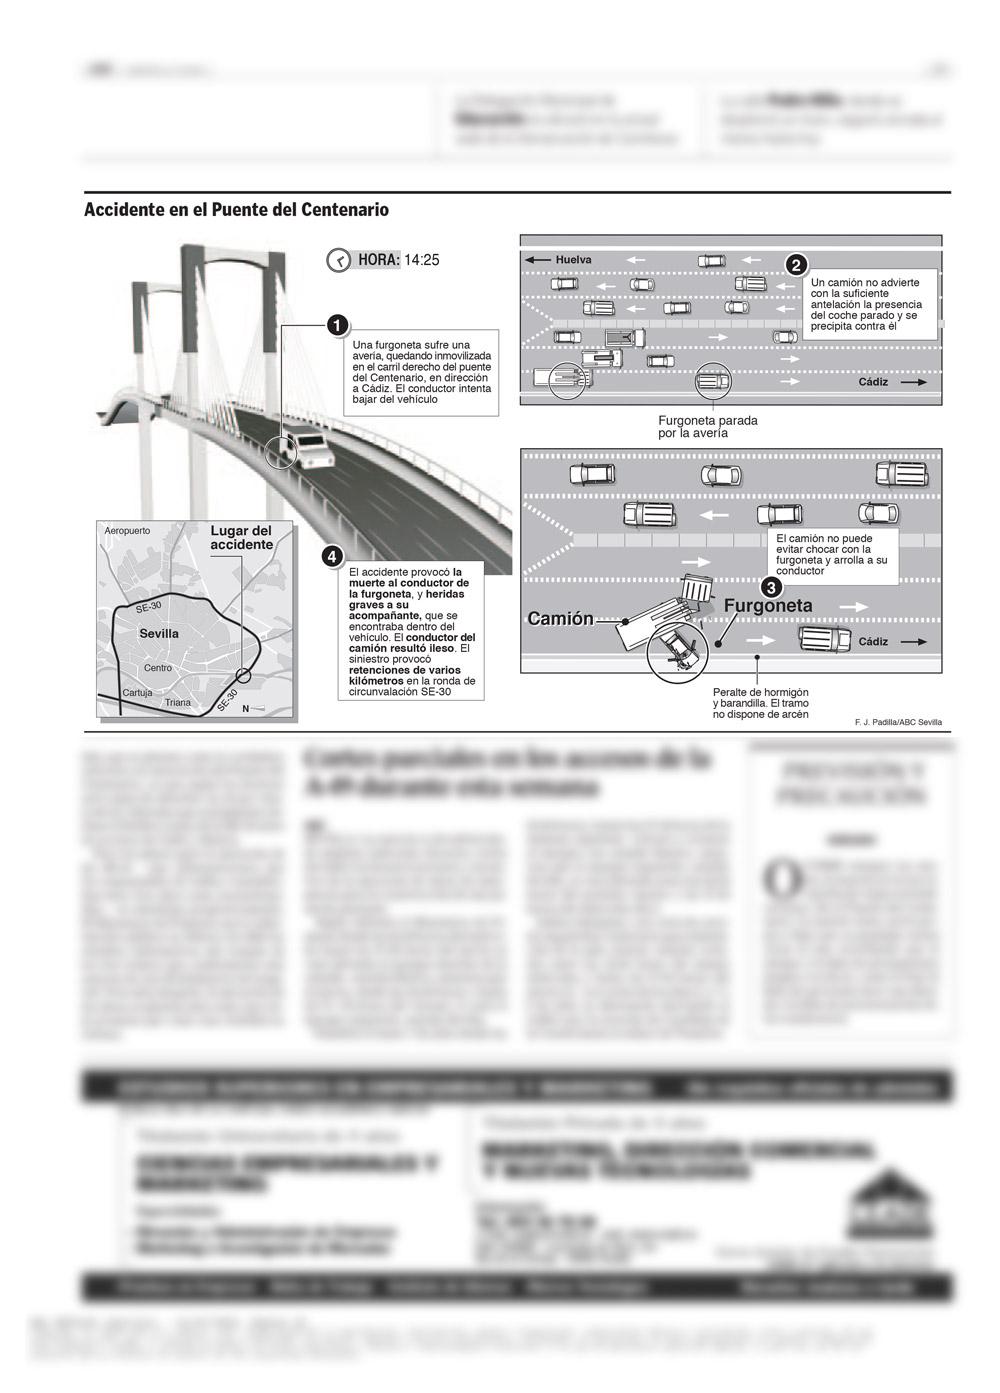 Infografía: Accidente mortal en el Puente del Centenario en Sevilla